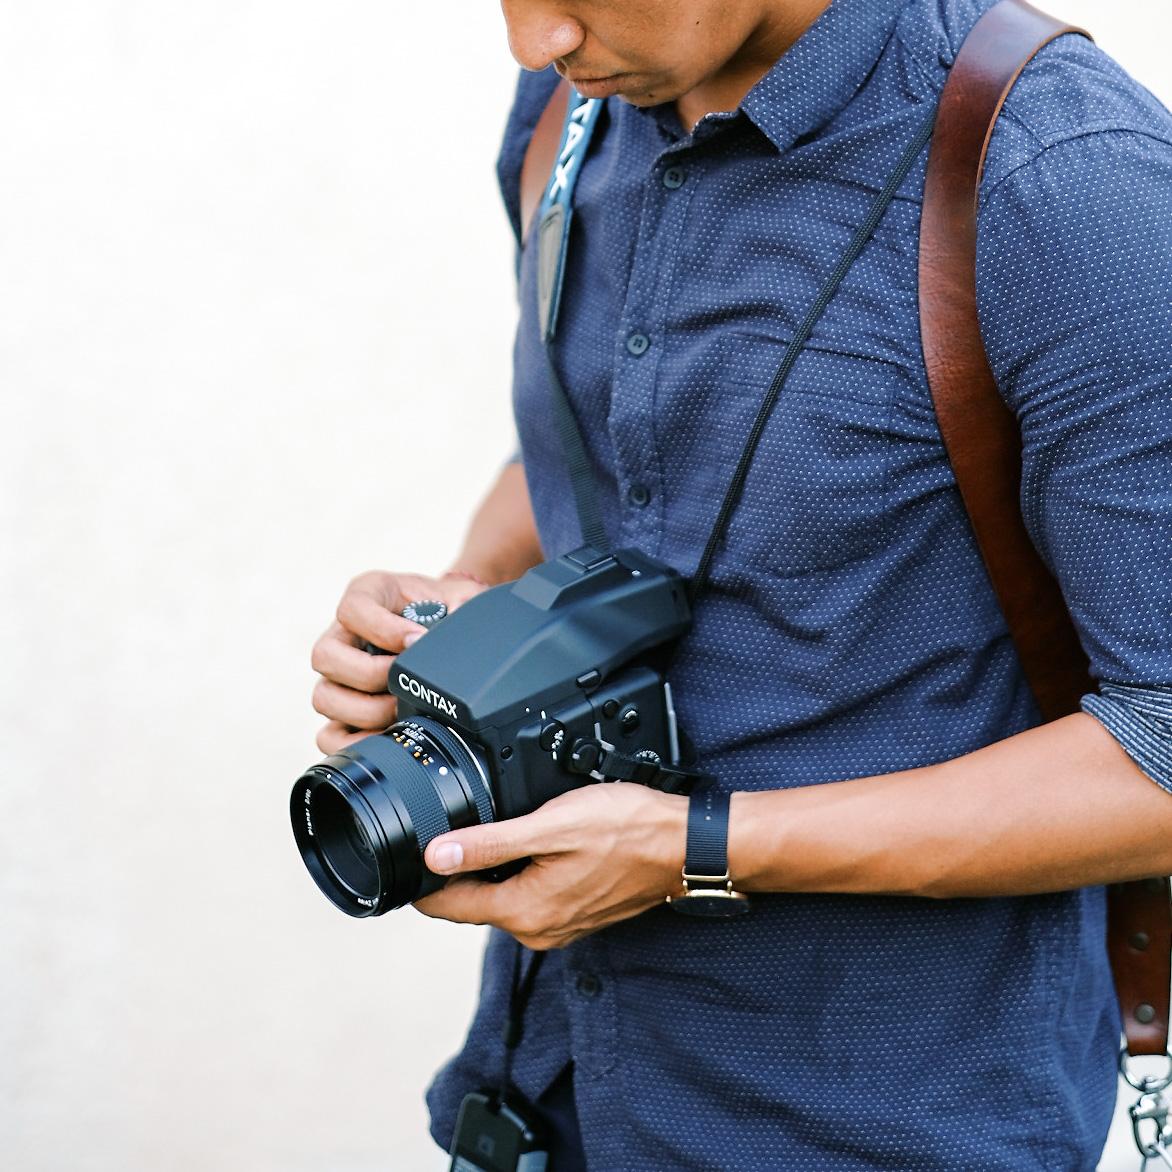 analog-medium-format-camera